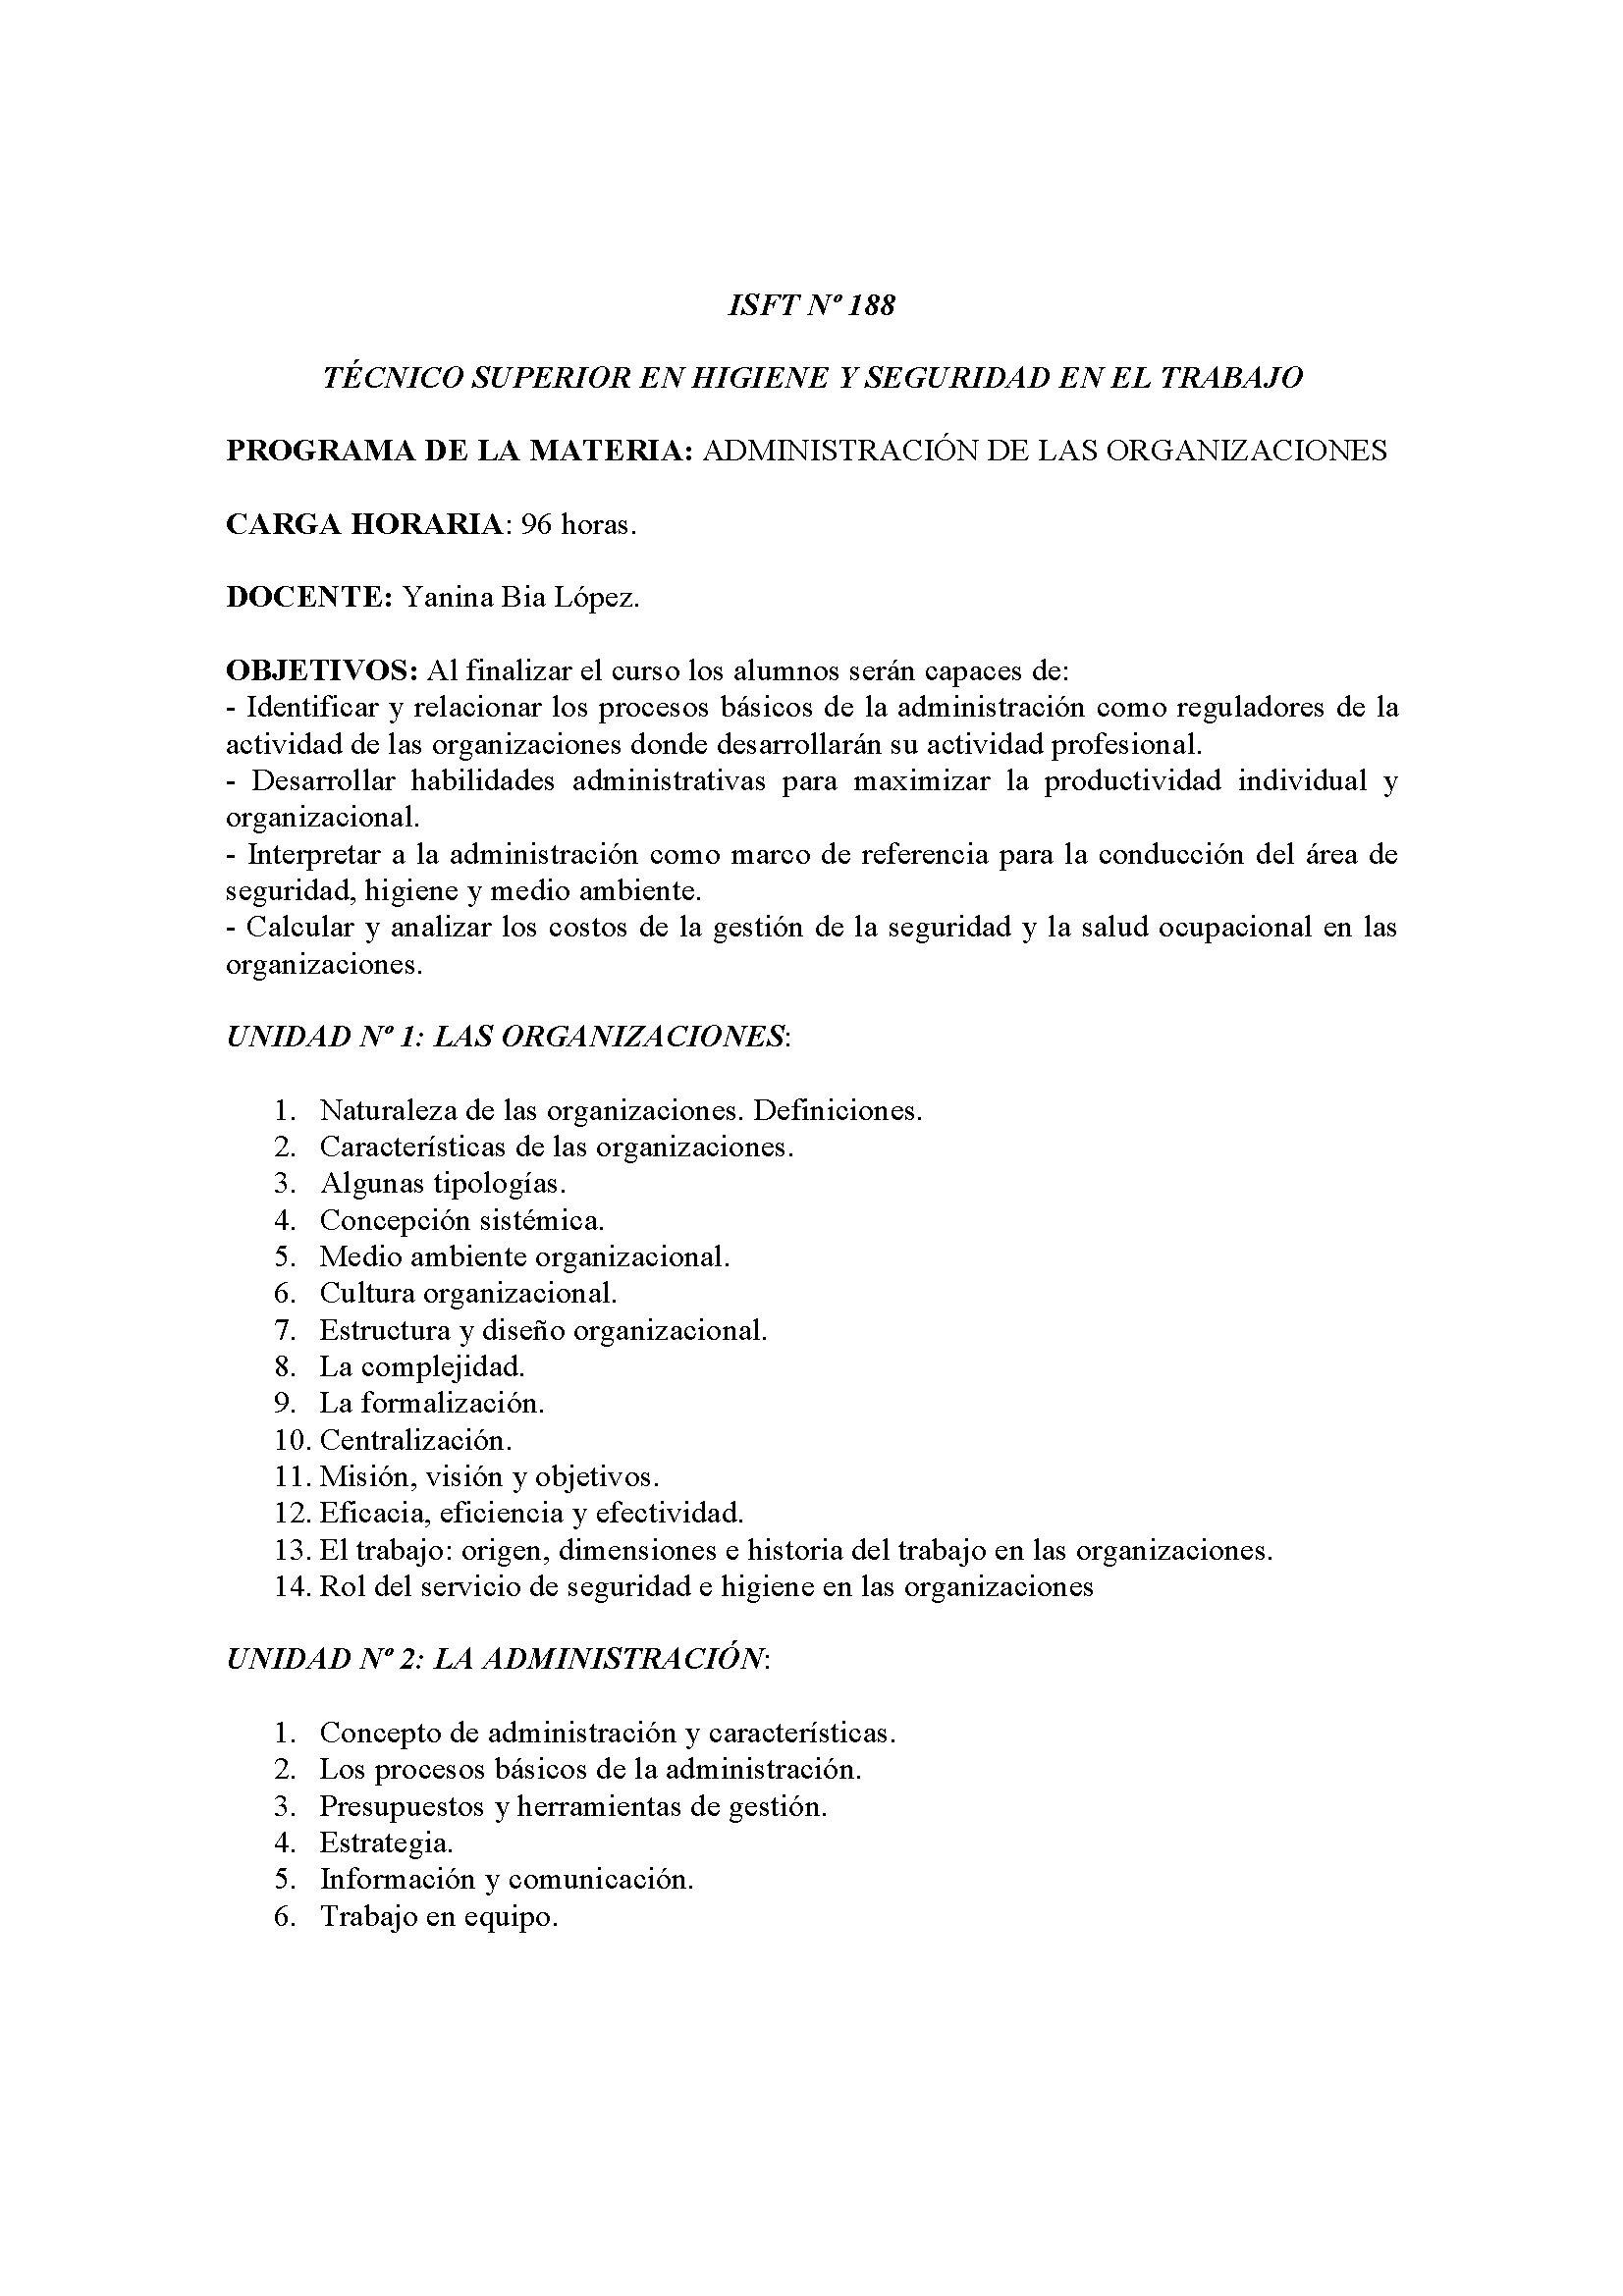 Programa Administración de las Organizaciones_Page_1